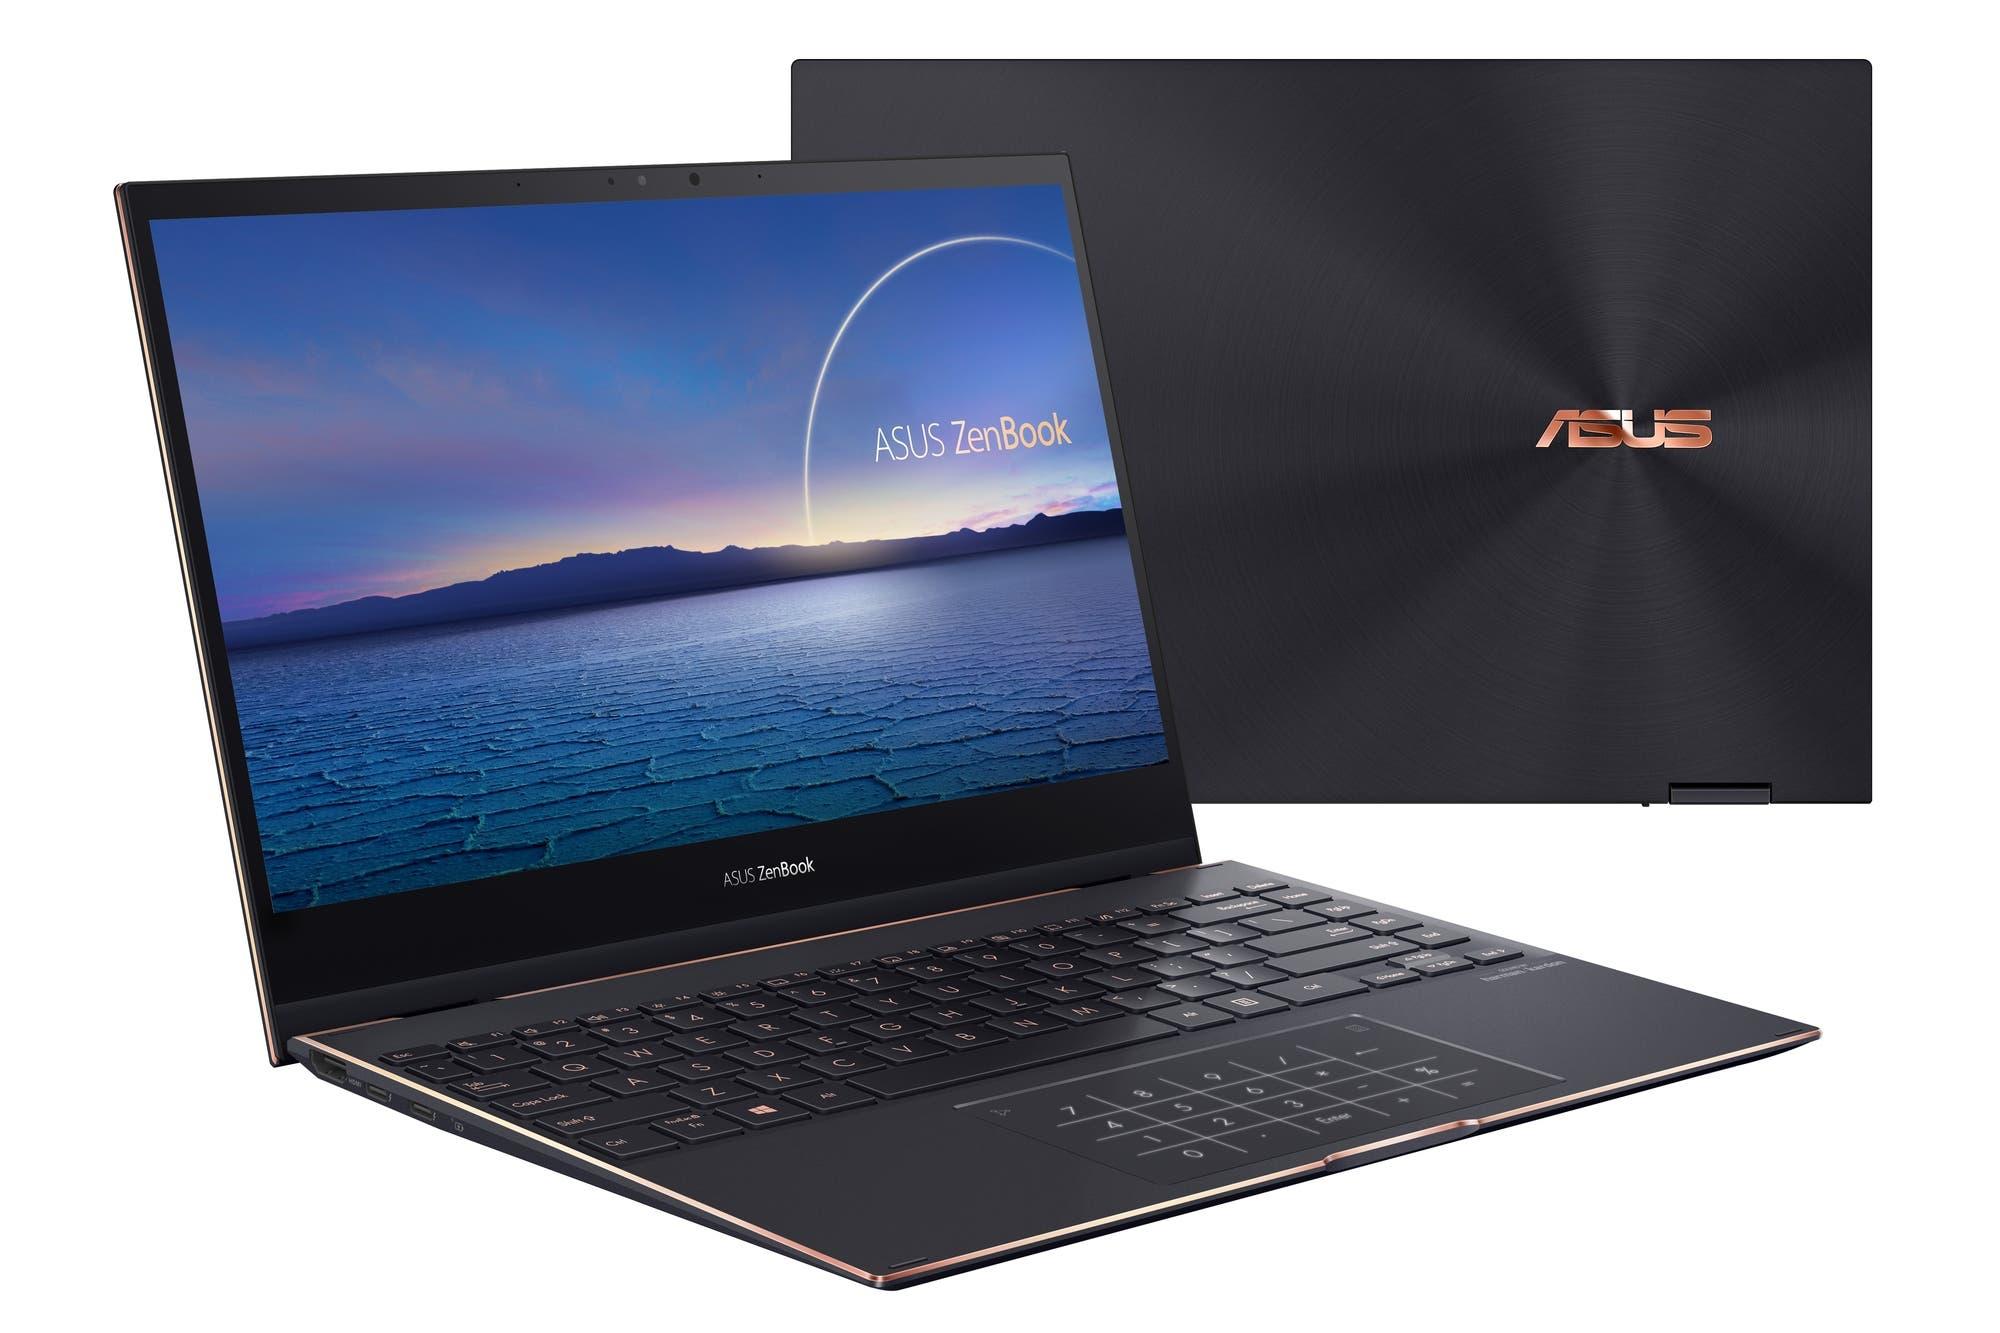 Asus Zenbook Flip S: Probamos esta portátil potenciada por la nueva generación de procesadores Intel